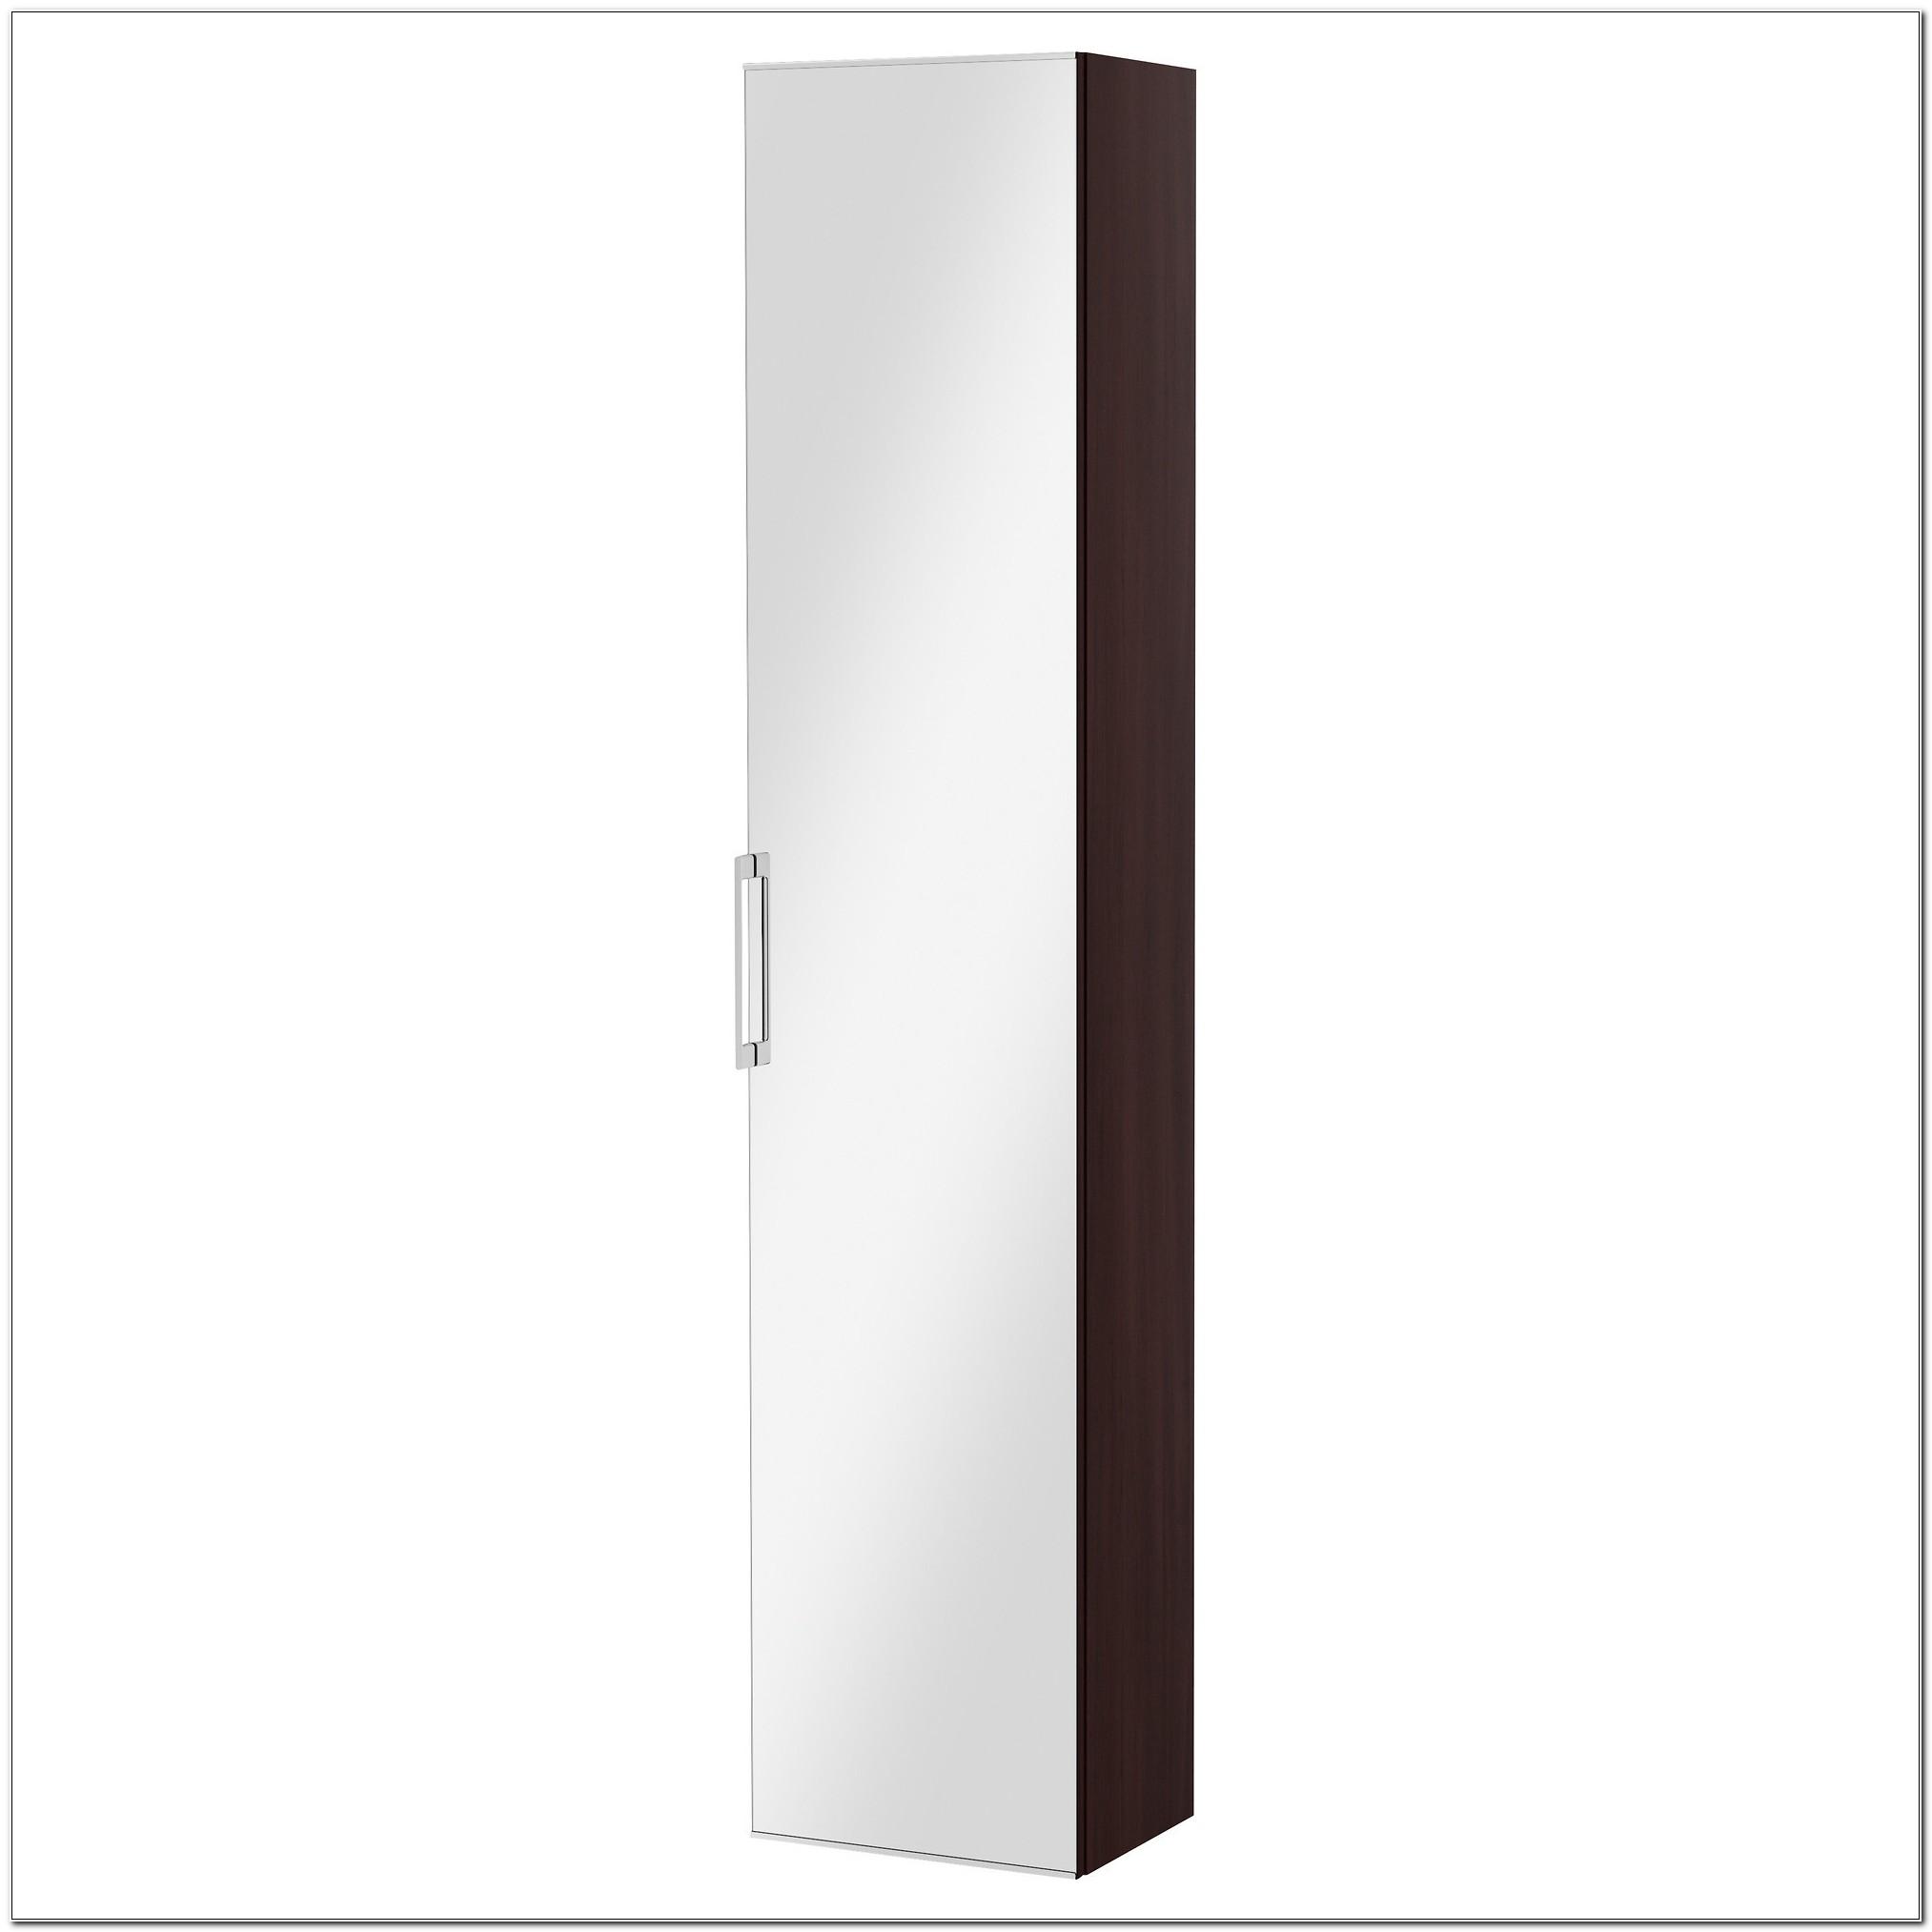 Ikea Tall Mirror Bathroom Cabinet